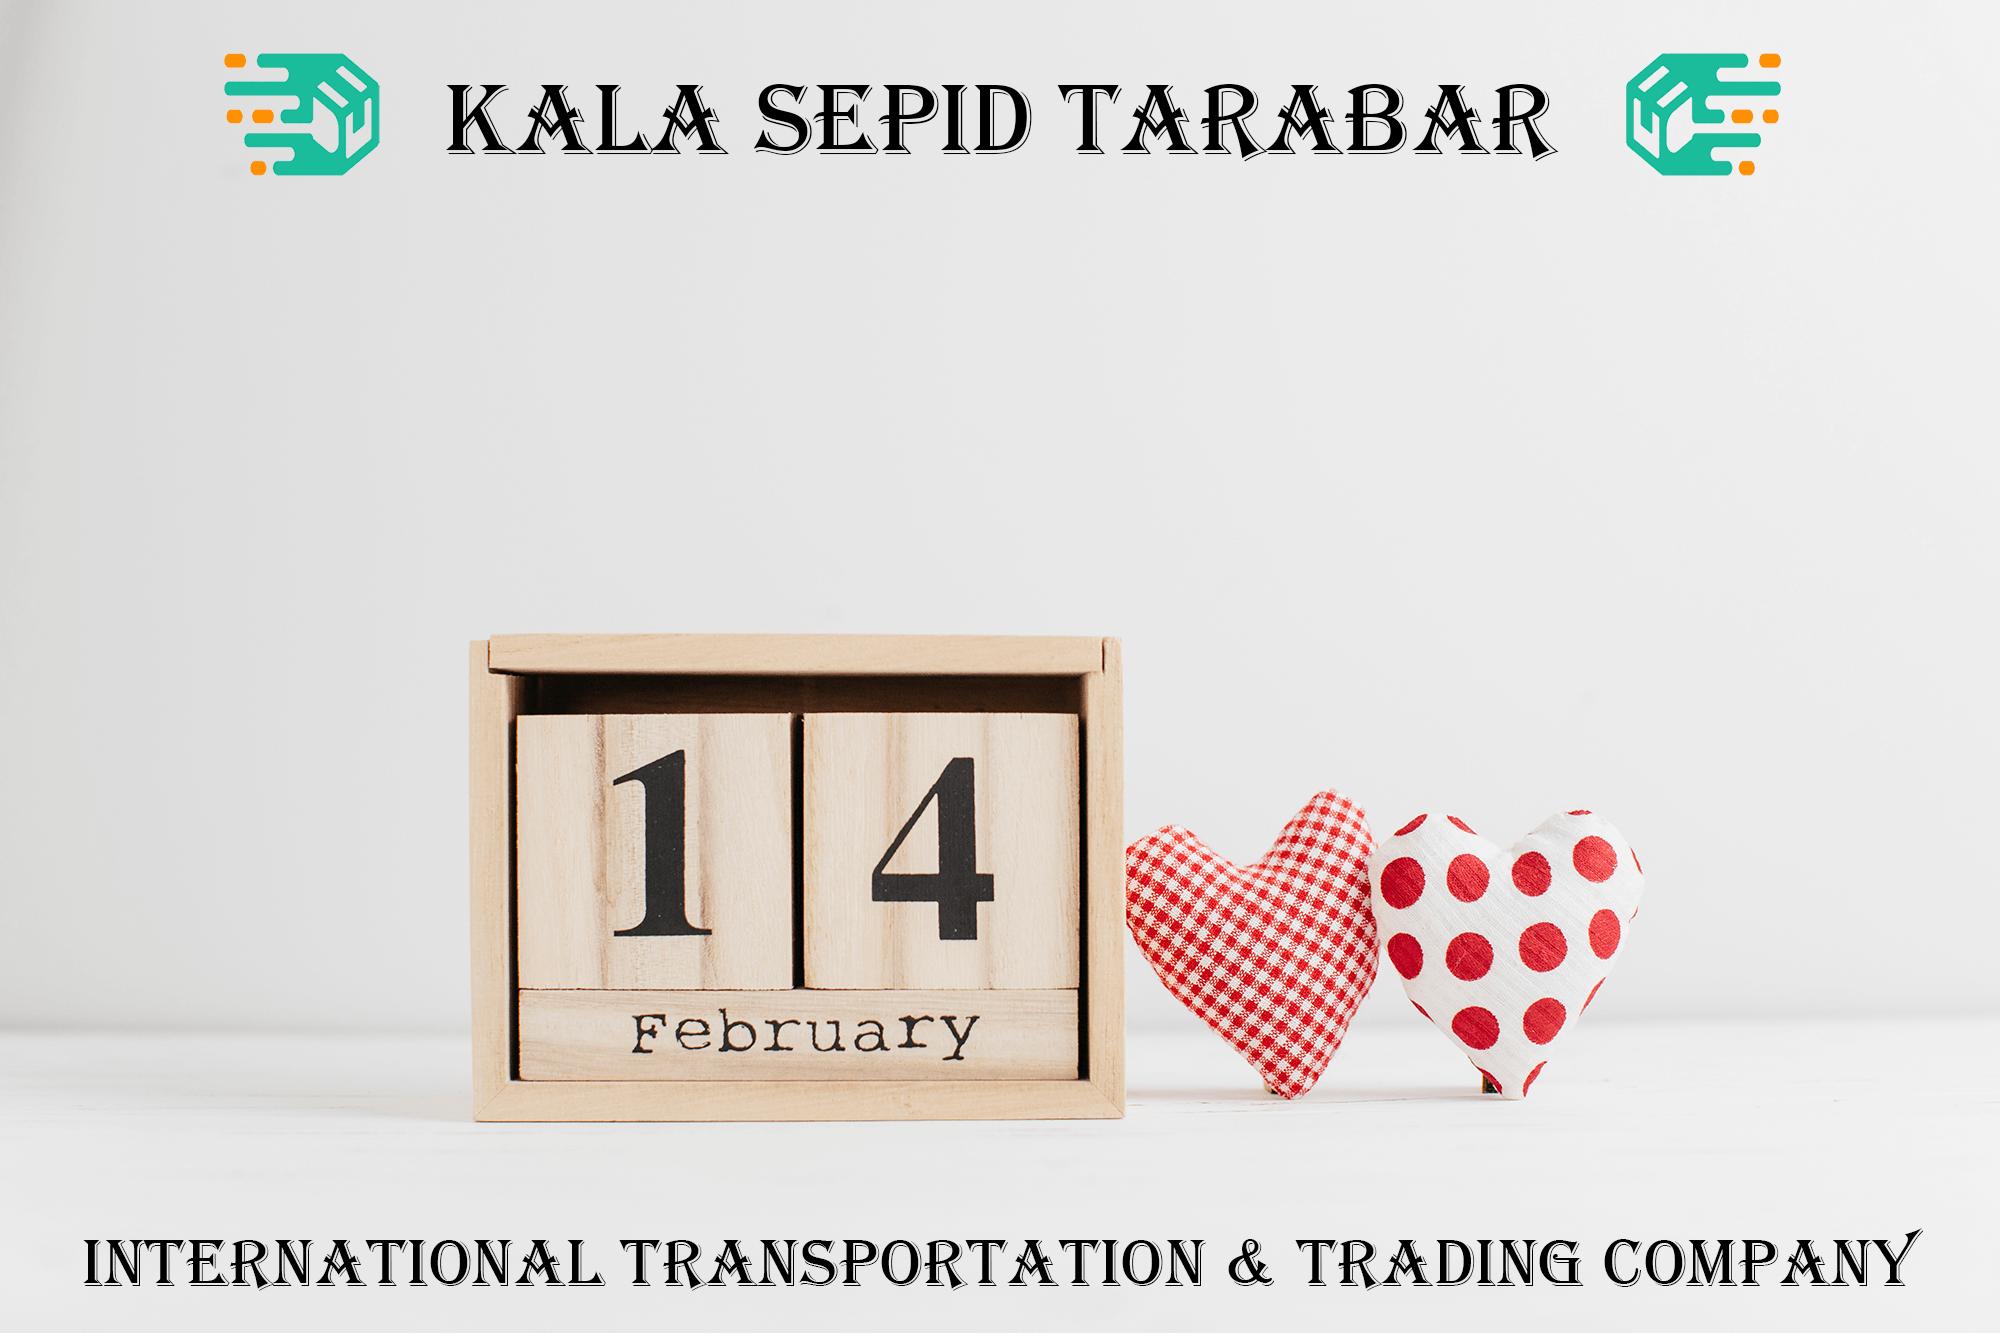 valentine's day, Happy valentine's day, kala sepid tarabar, international transportation company, international trading company, international transportation and trading company